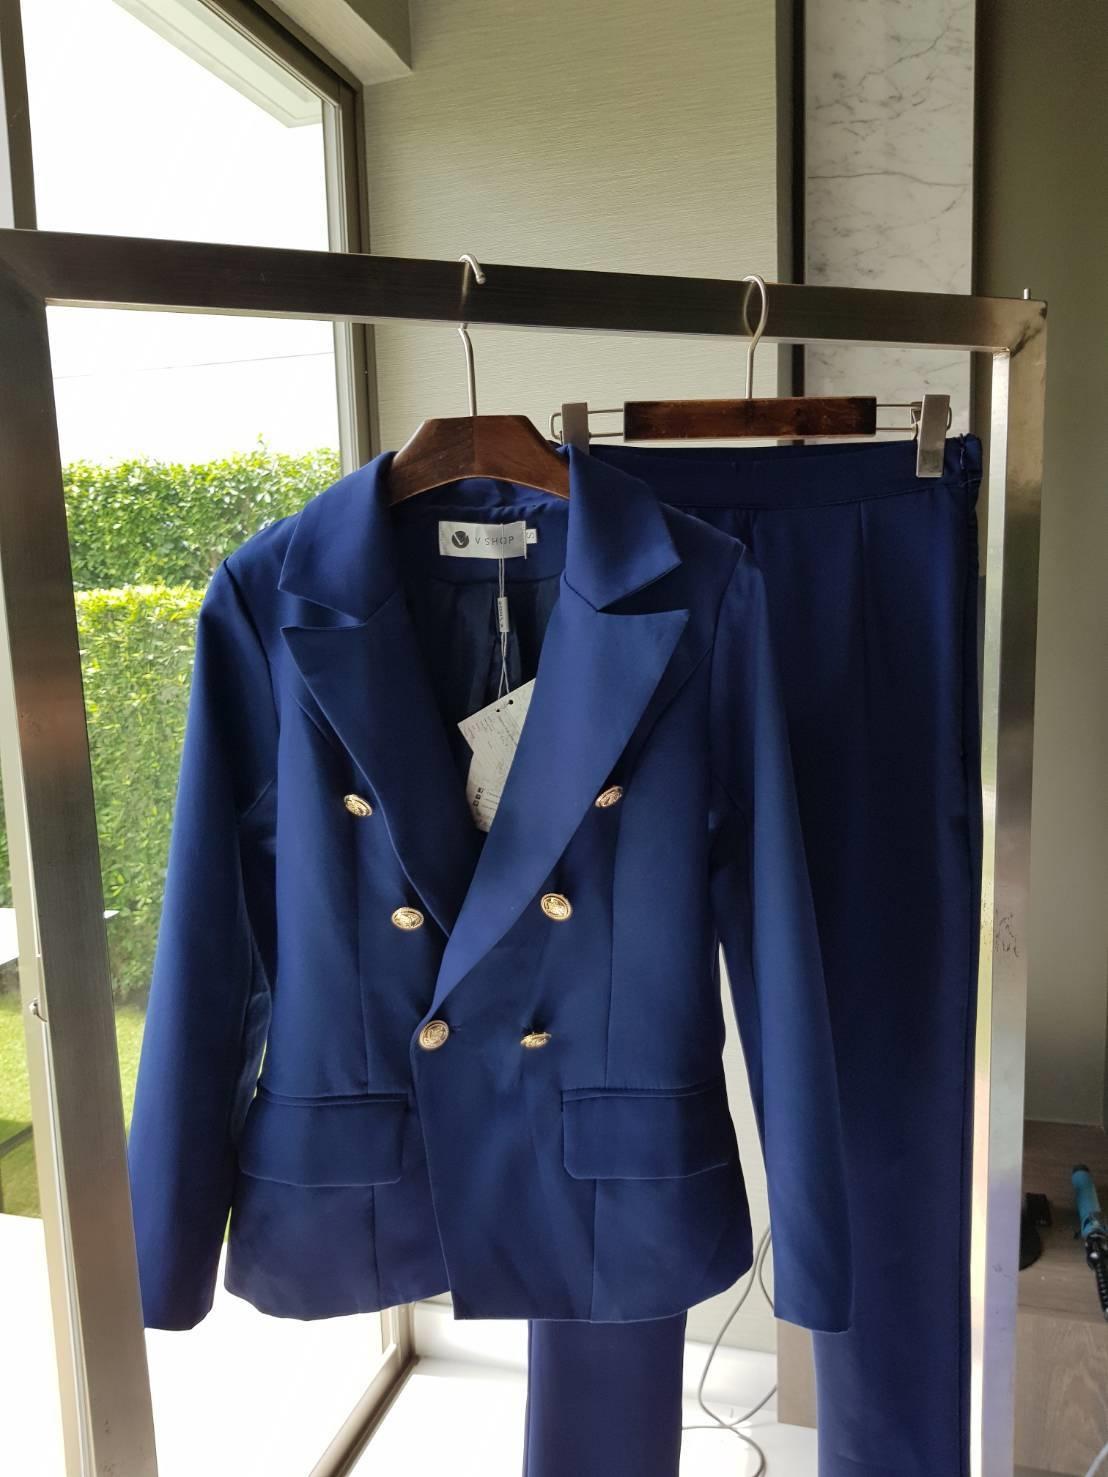 Set เสื้อสูท +กางเกง ตัวเสื้อสูทแต่งกระดุมโรมัน